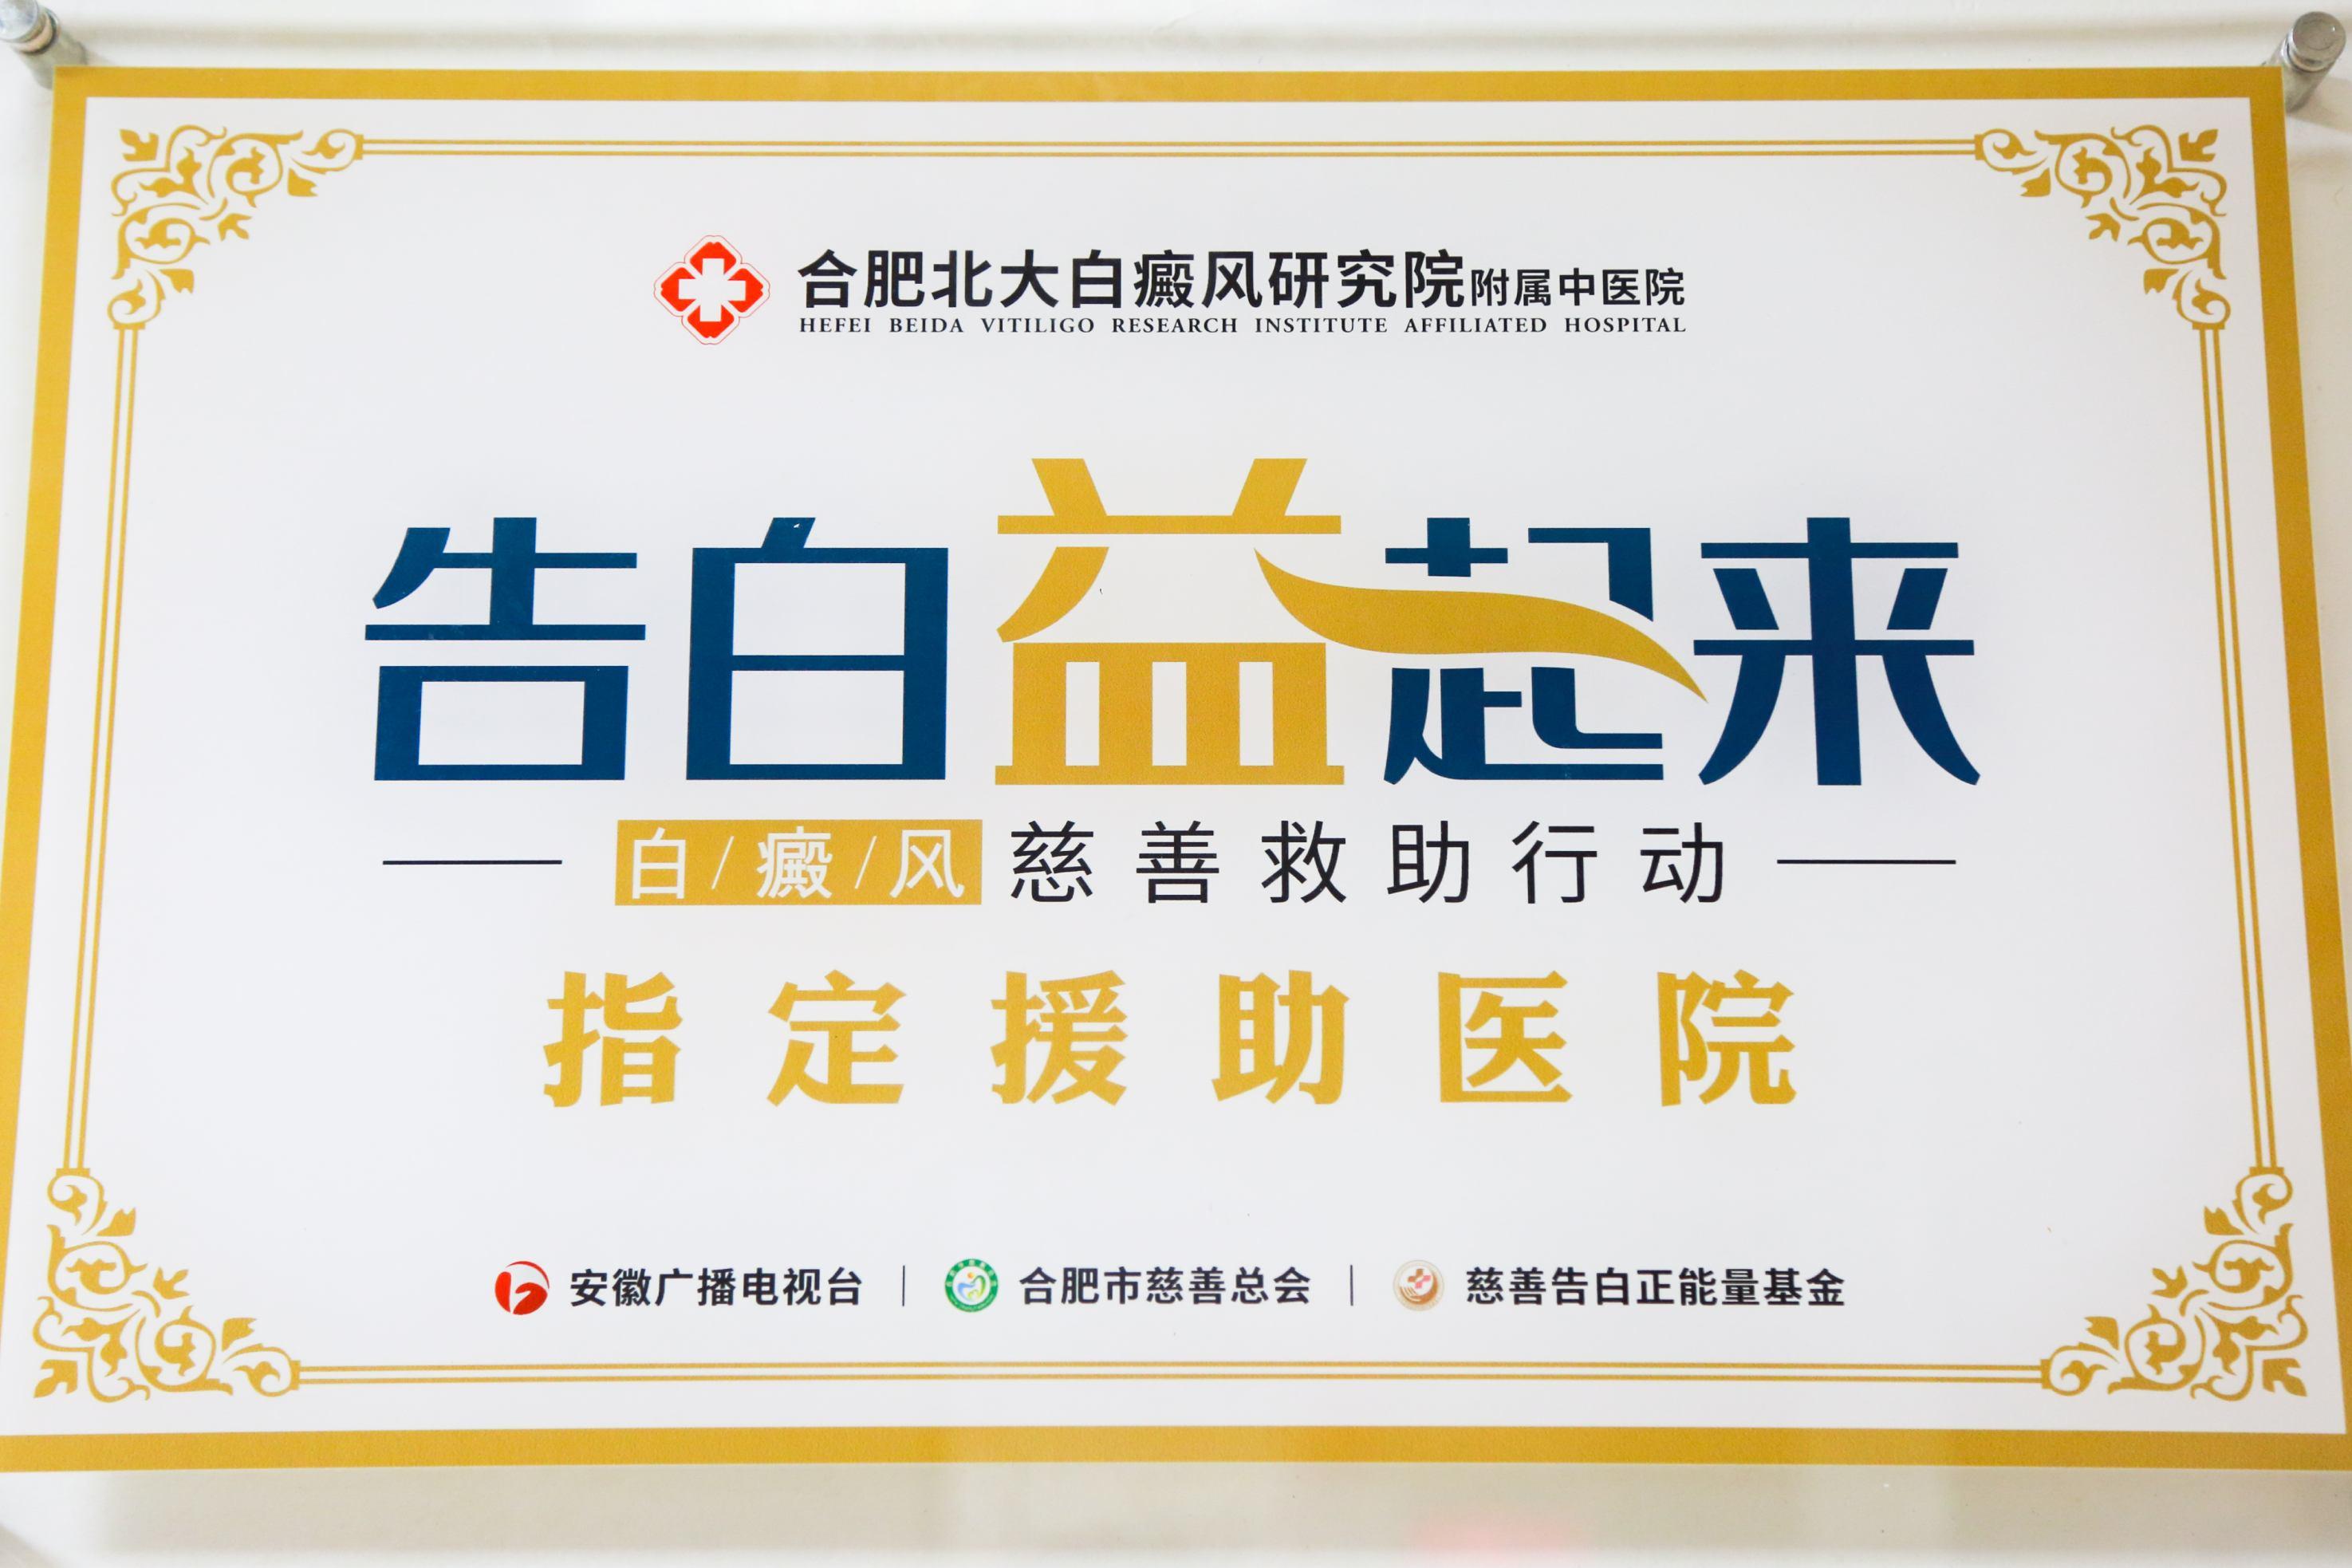 白癜风慈善救助行动指定单位